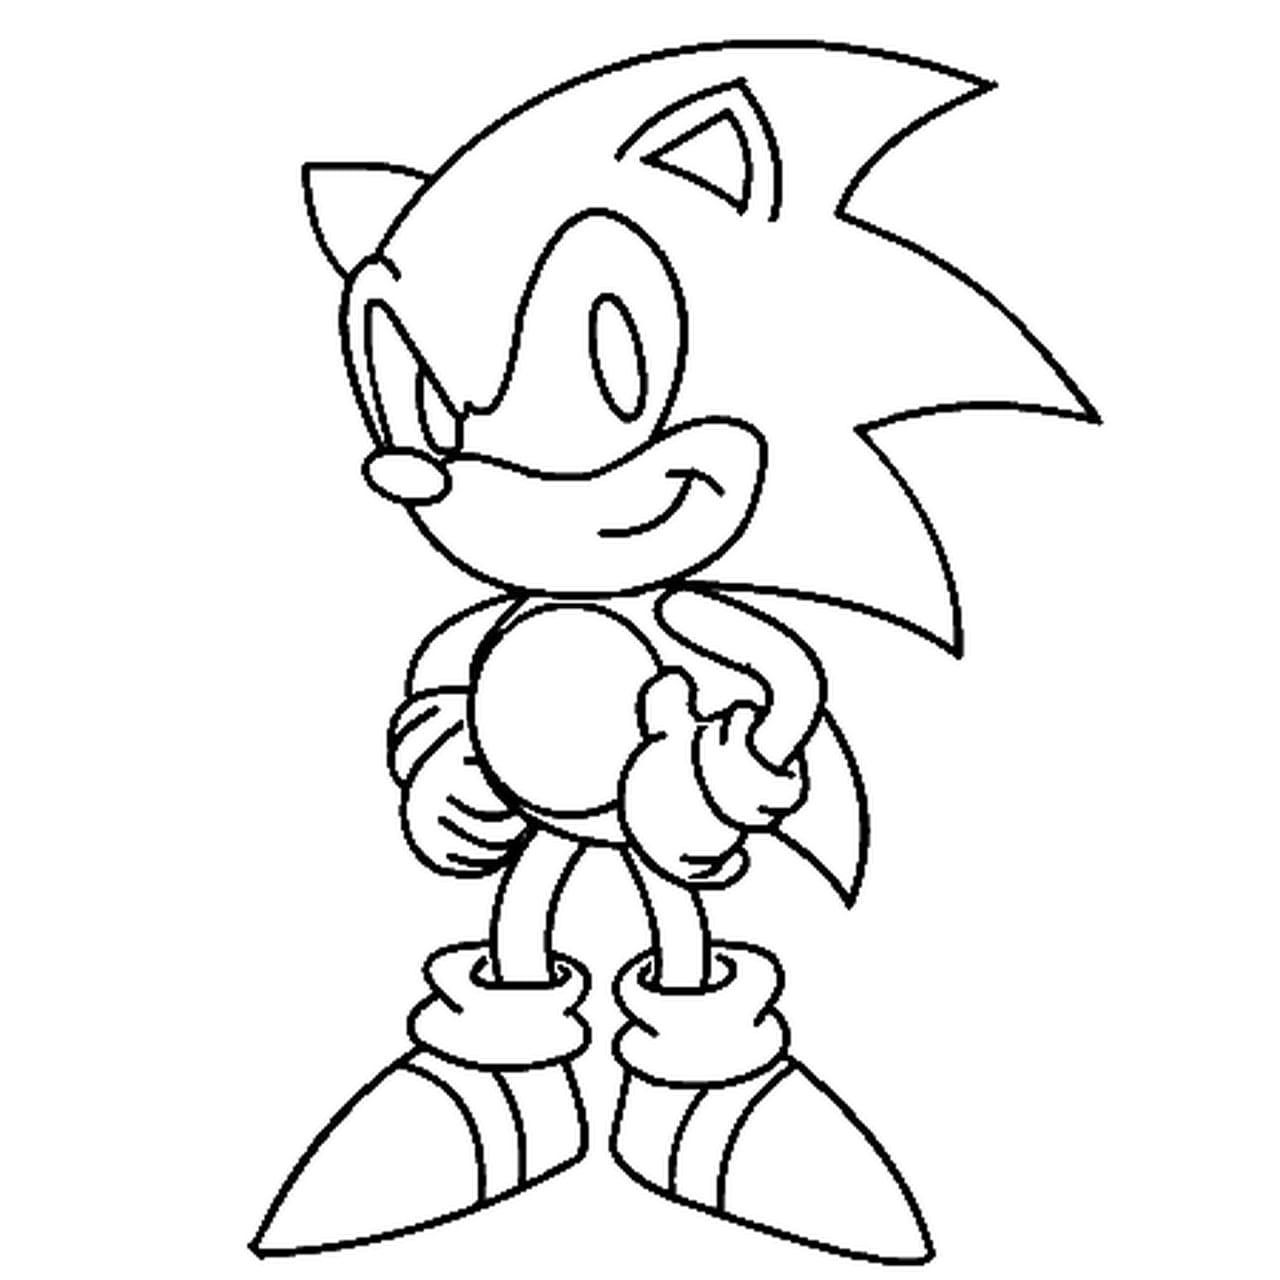 Coloriage Gratuit Sonic.Coloriage Sonic En Ligne Gratuit A Imprimer